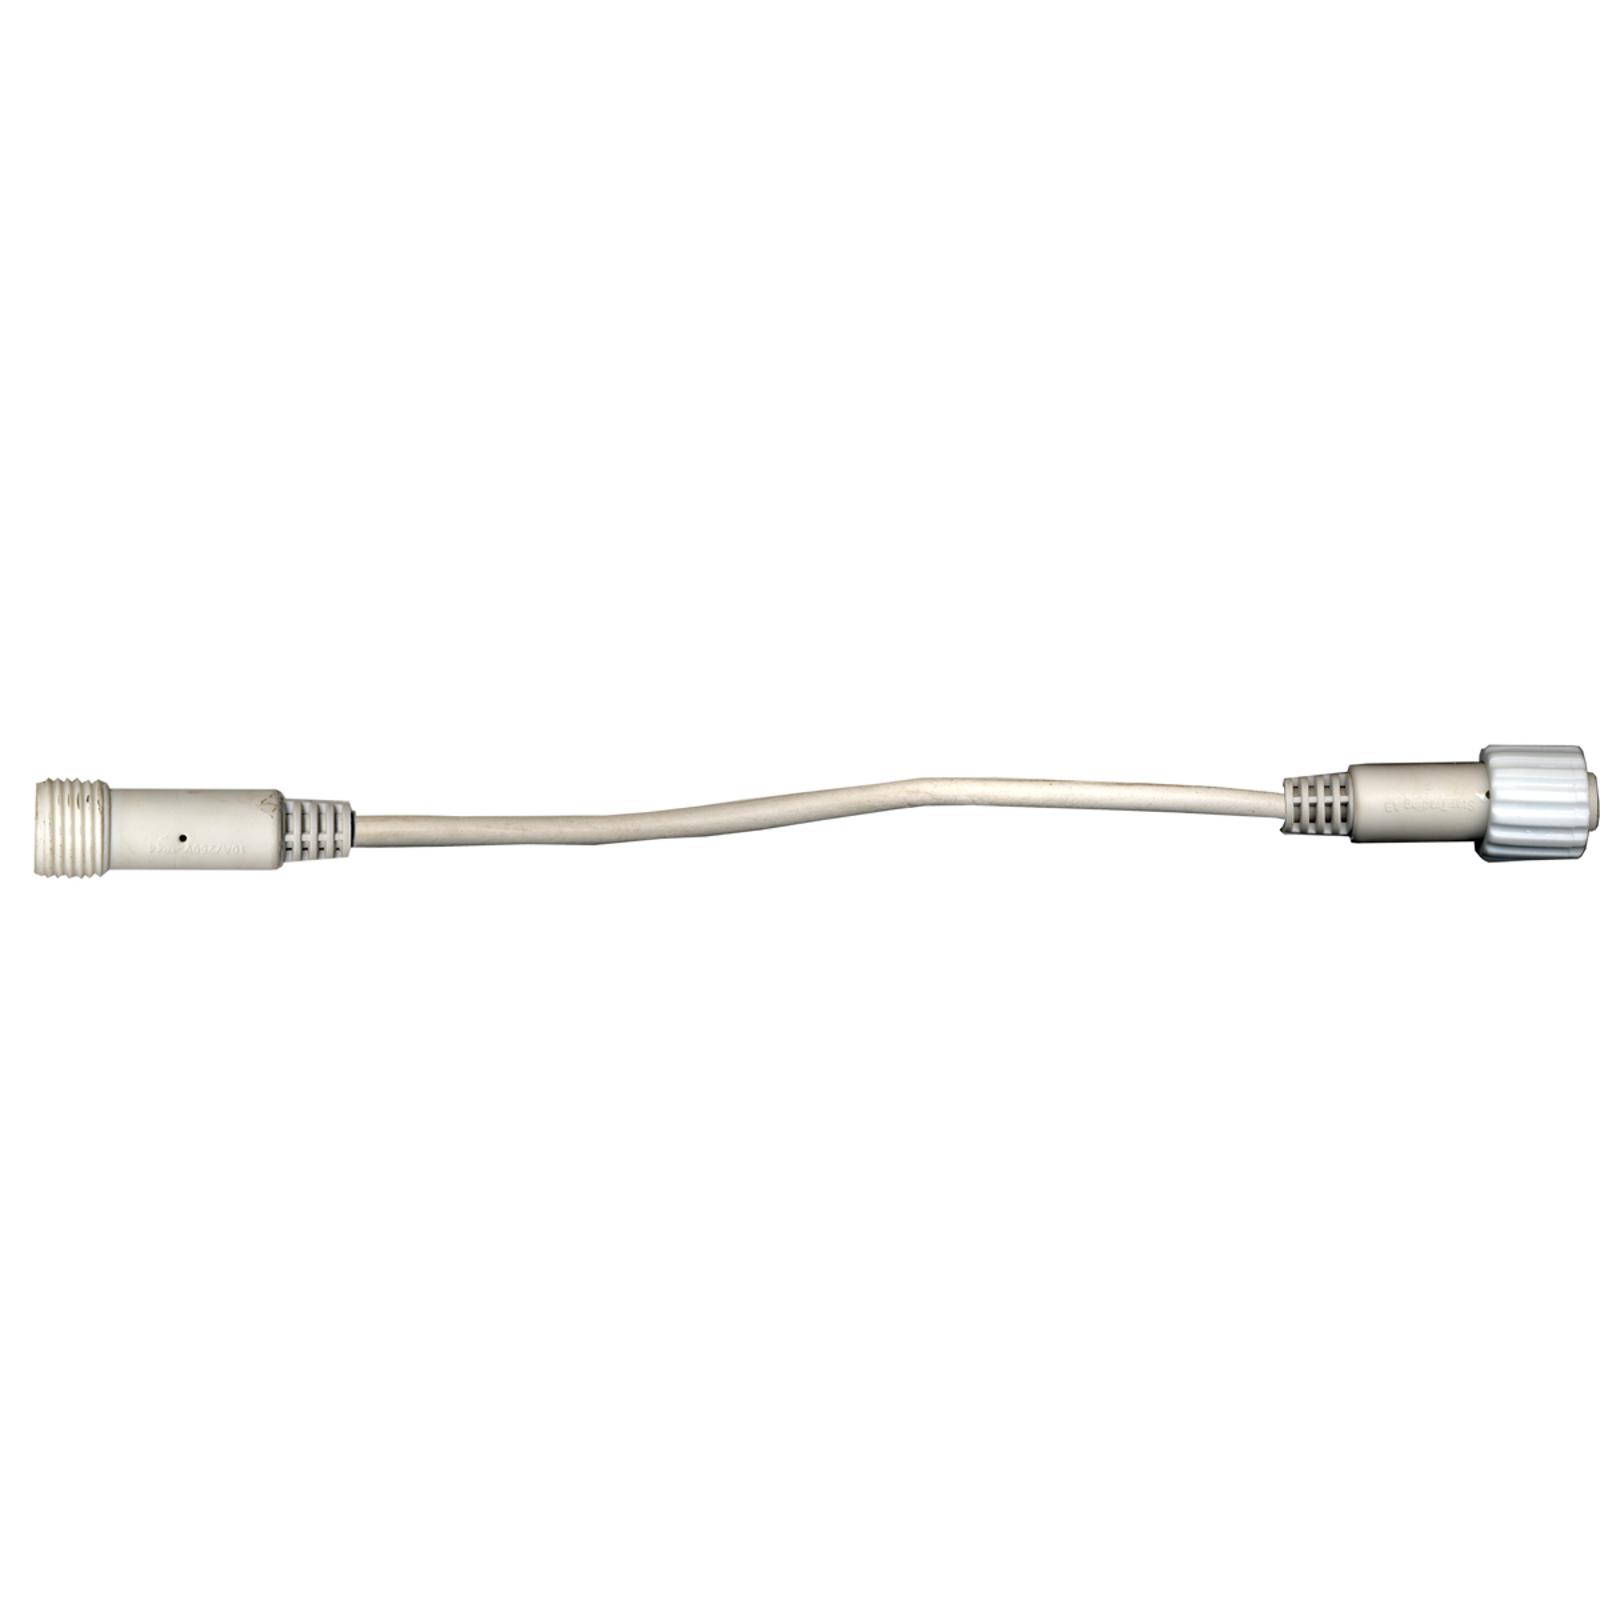 Verbindingskabel voor LED-ster 1522448 5 meter